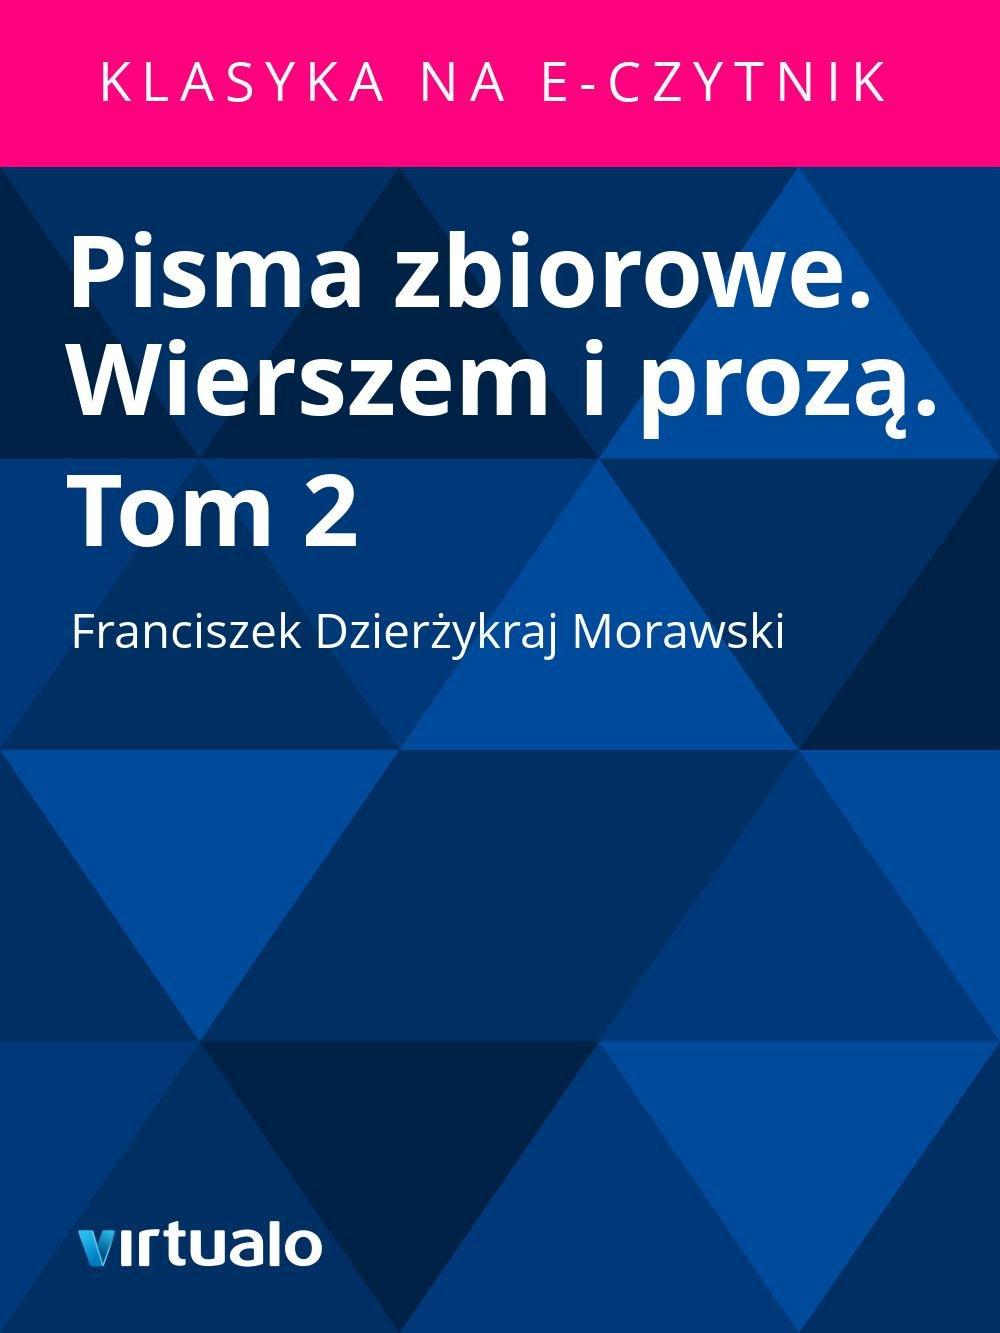 Pisma zbiorowe. Wierszem i prozą. Tom 2 - Ebook (Książka EPUB) do pobrania w formacie EPUB